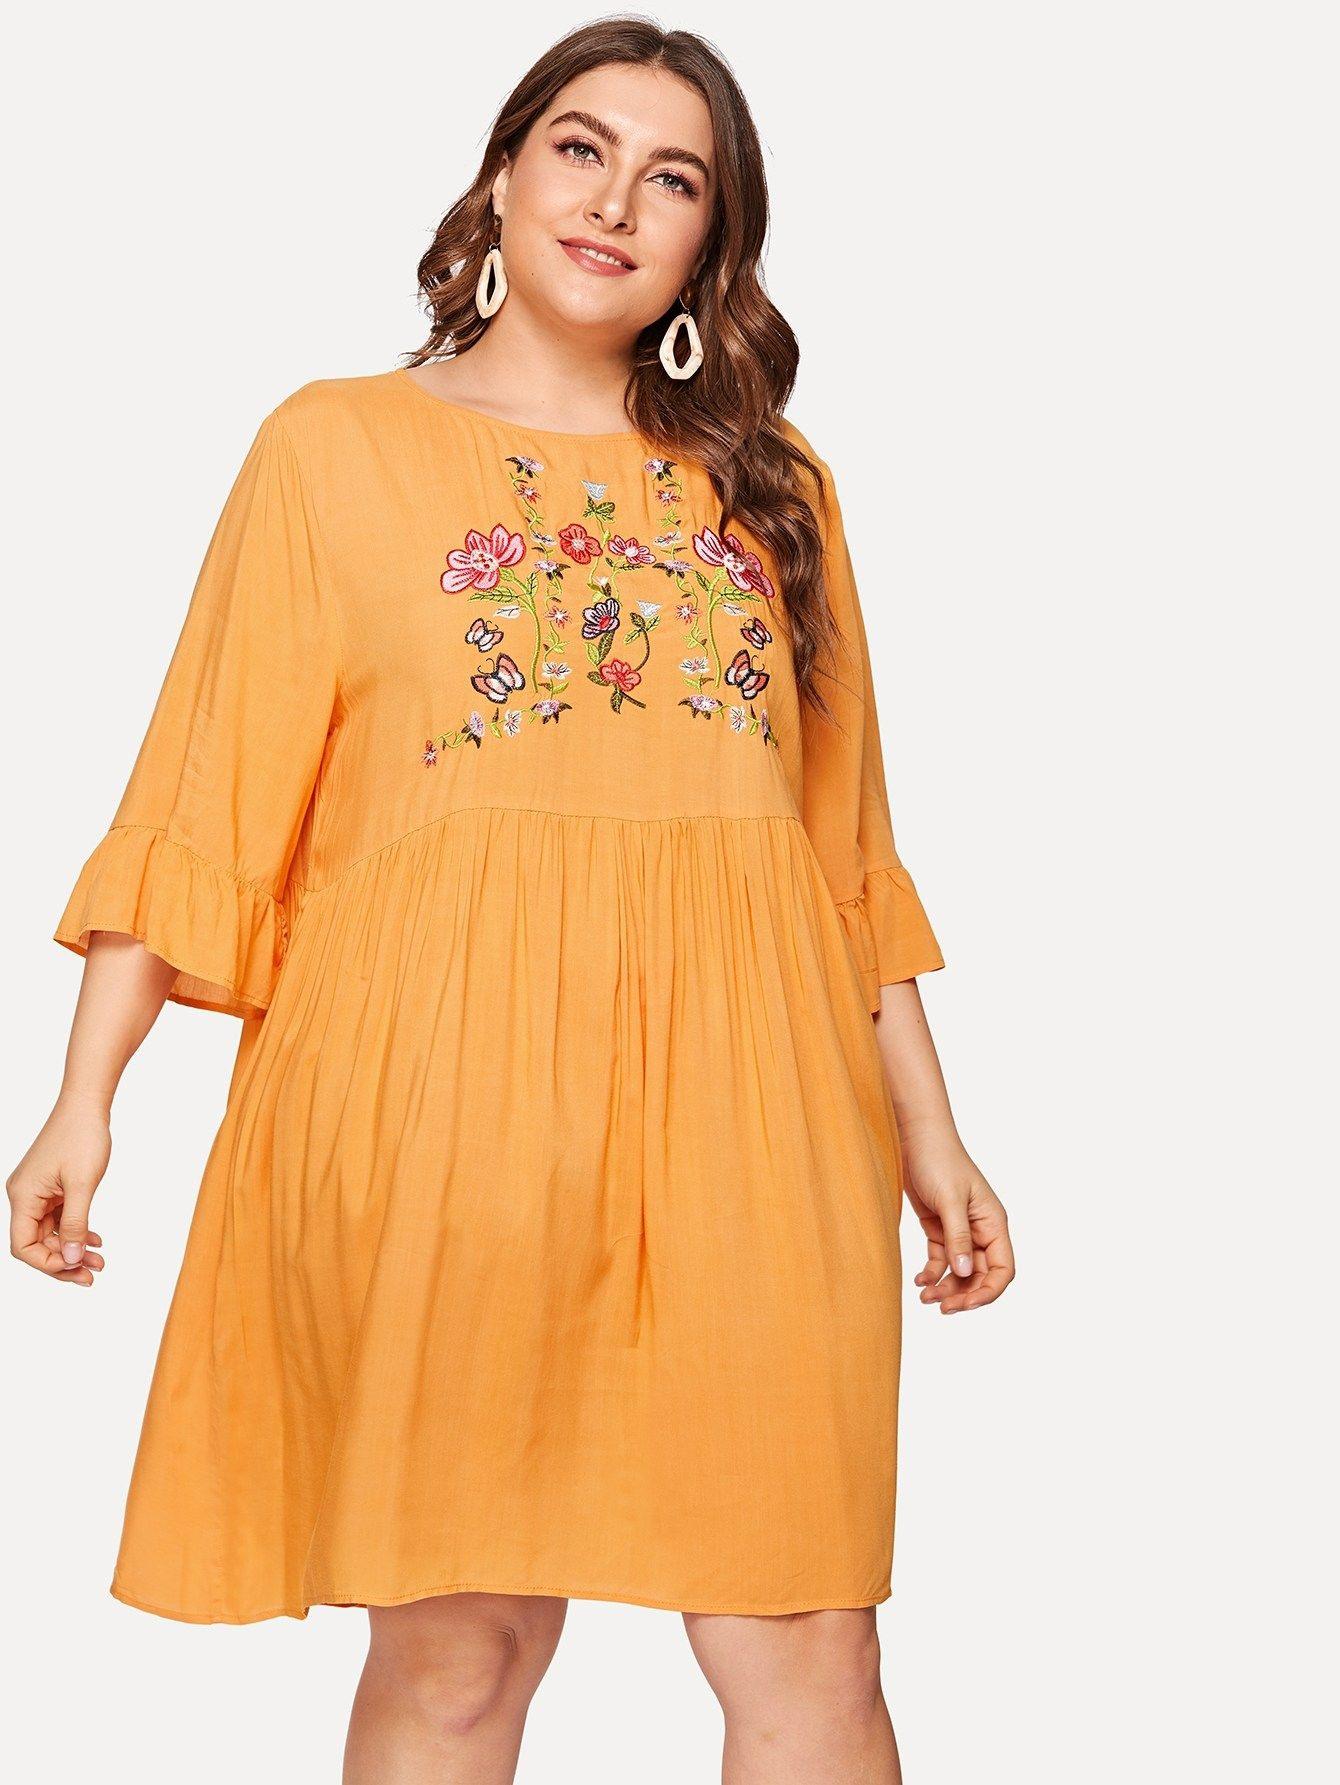 15 Leicht Halblange Kleider Mode BoutiqueFormal Luxus Halblange Kleider Mode für 2019